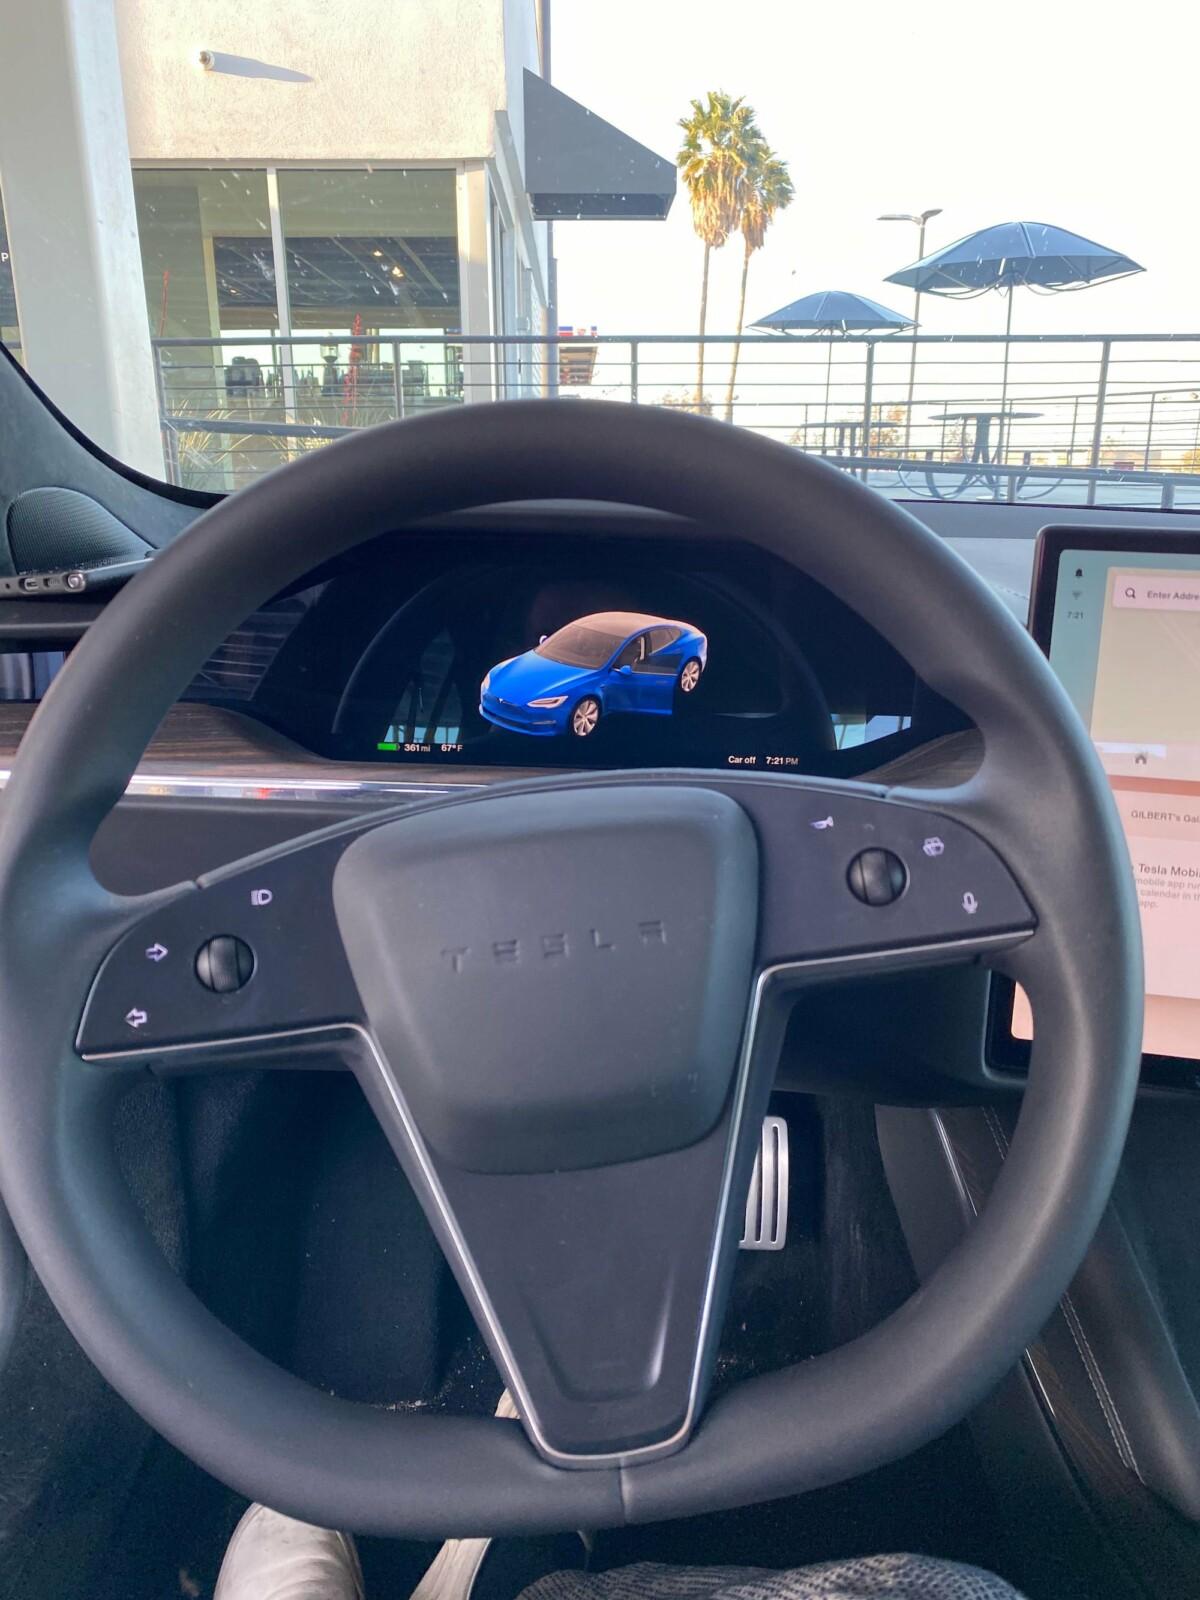 Pas de volant yoke pour cette Model S Plaid